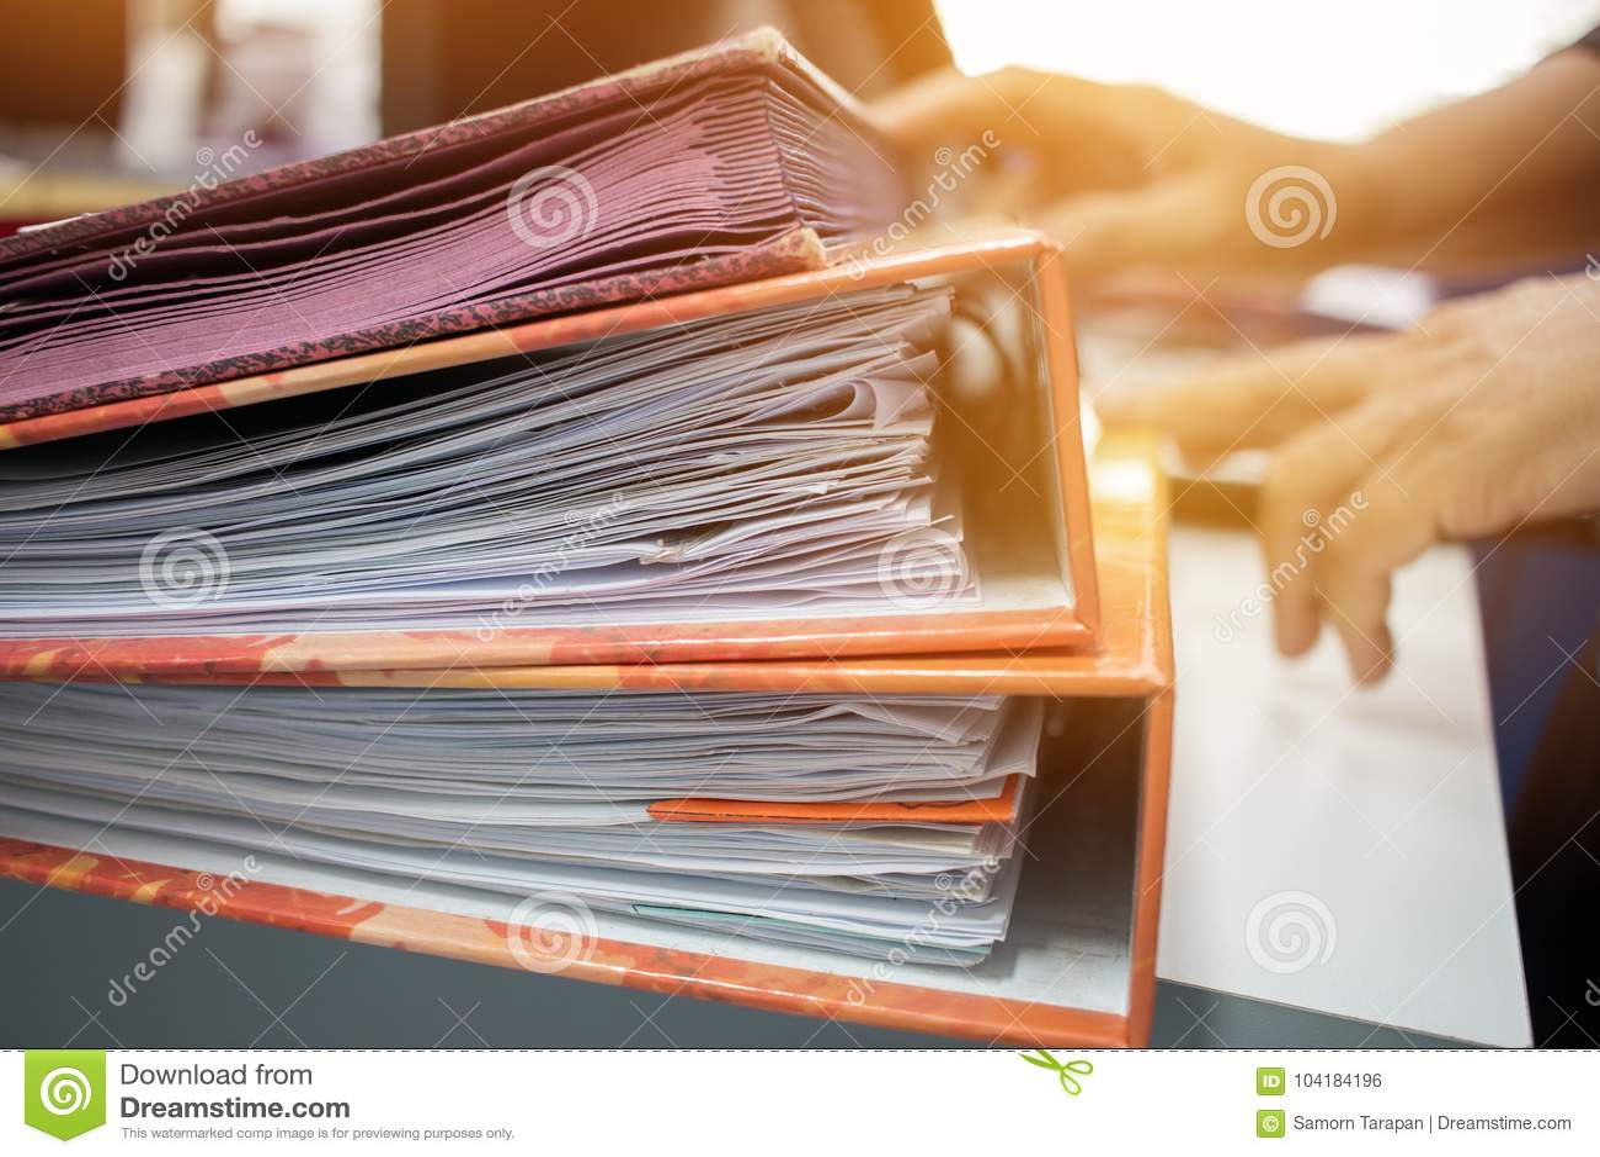 Wiele sterty dokument falcówki w biurze dla sprawozdanie roczne kartoteki